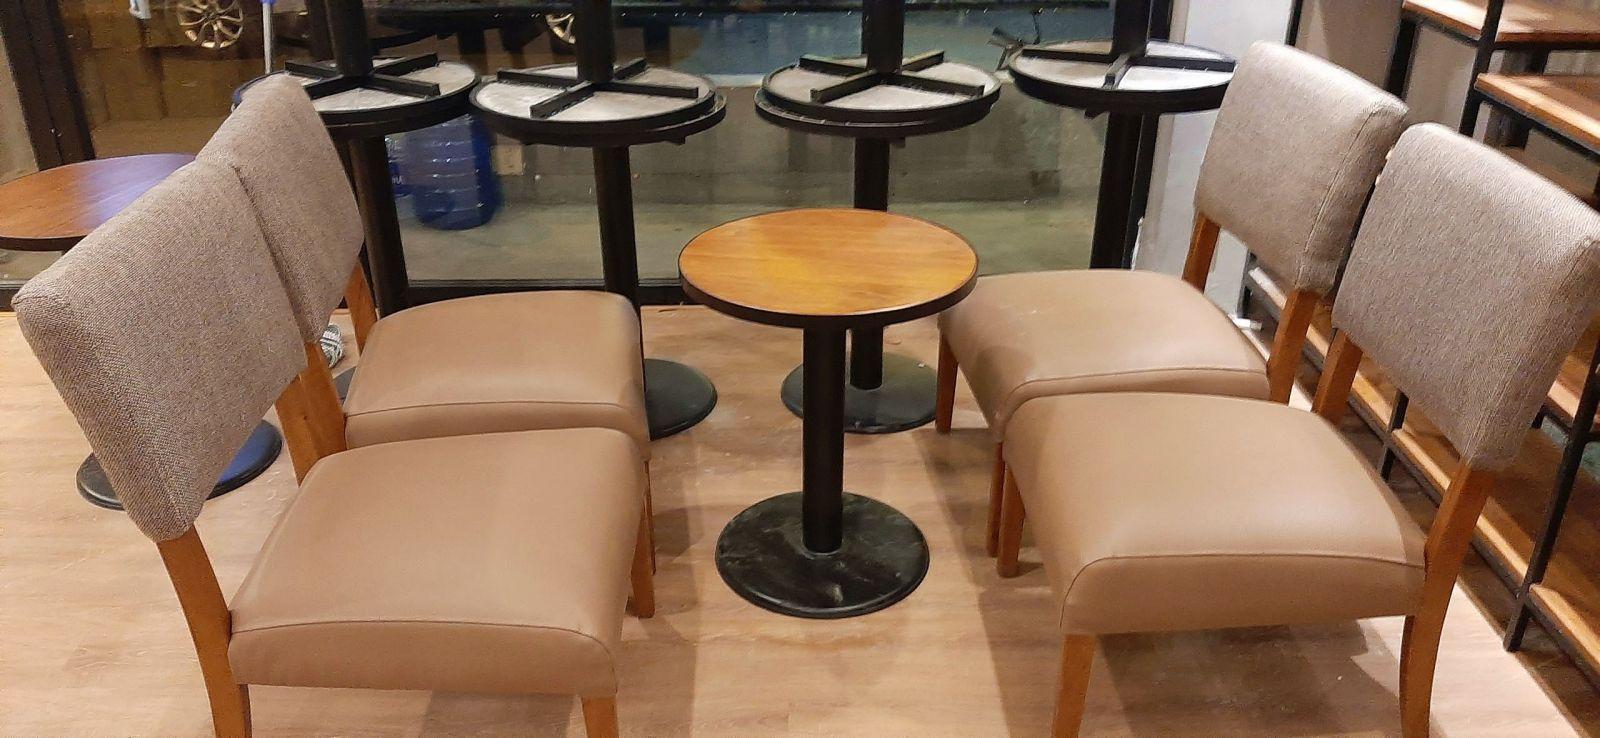 mẫu bàn ghế gỗ sofa cao cấp pcm thiết kế